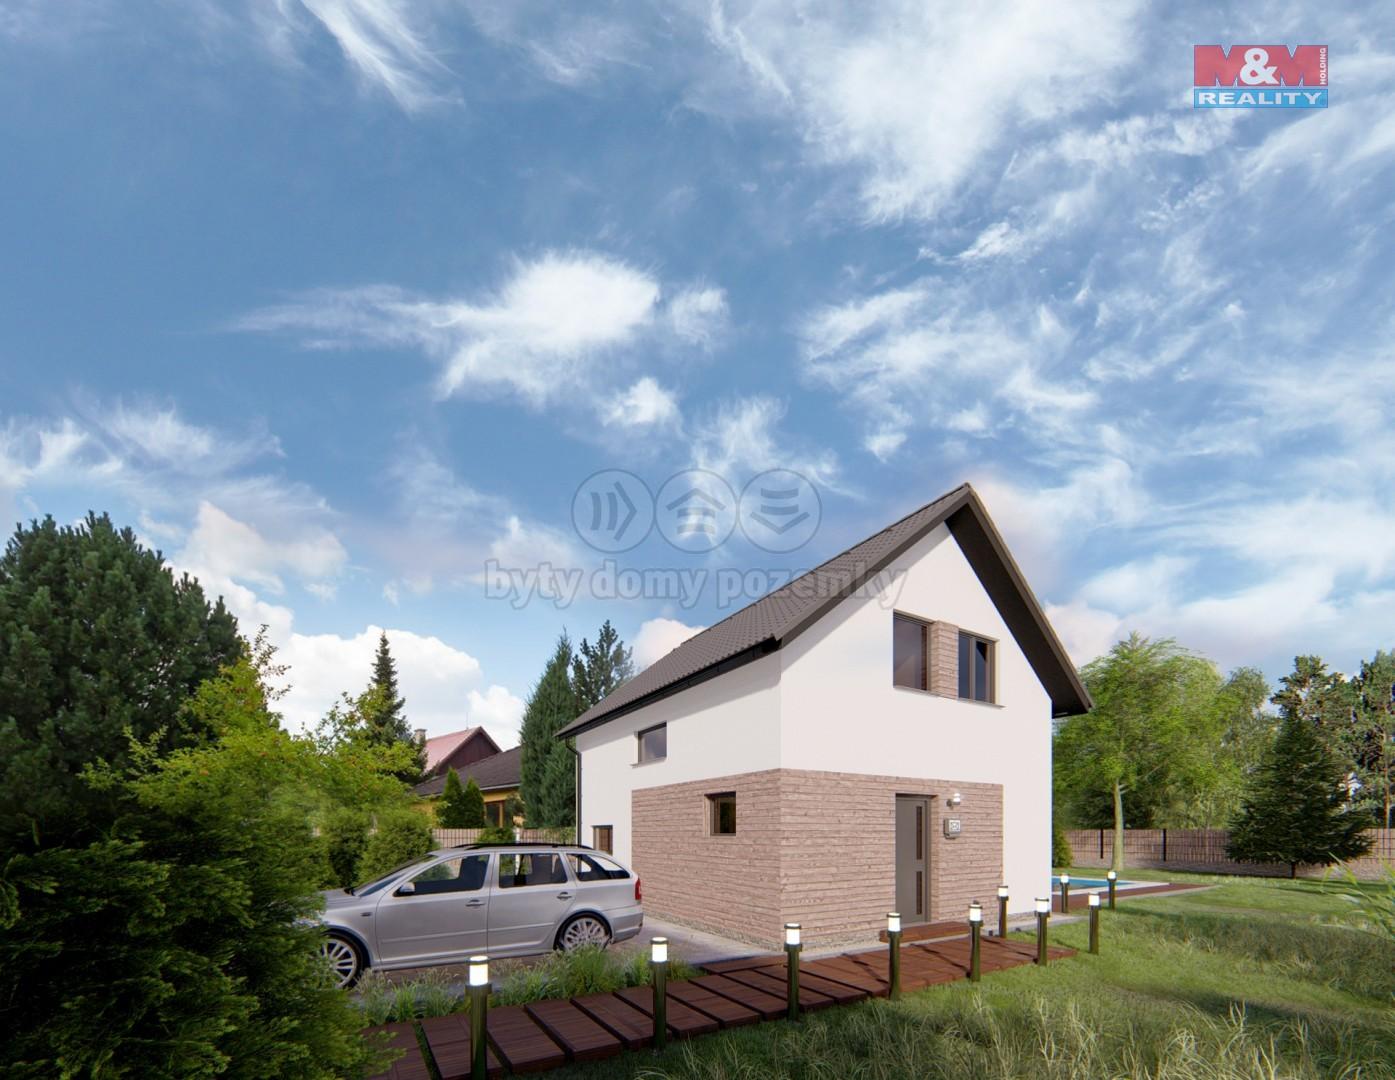 Prodej, rodinný dům, 94 m2, 5+kk, Nový Čestín, Mochtín